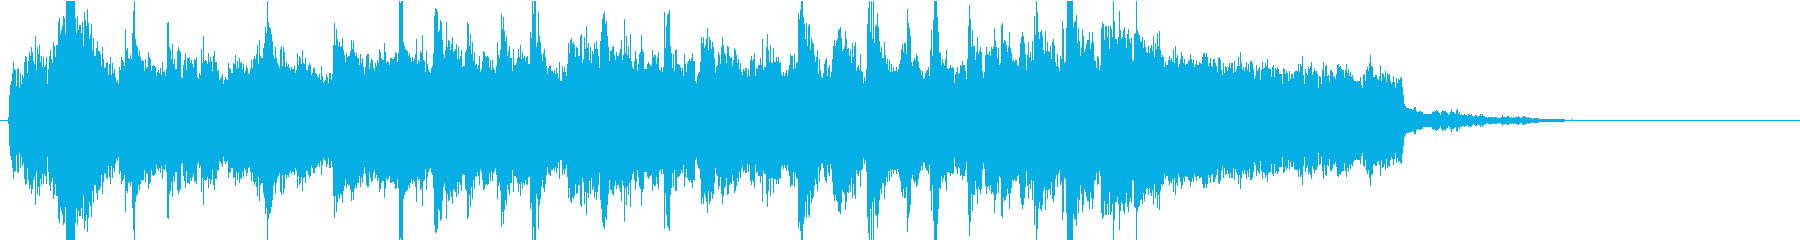 クリスマスっぽいジングルの再生済みの波形